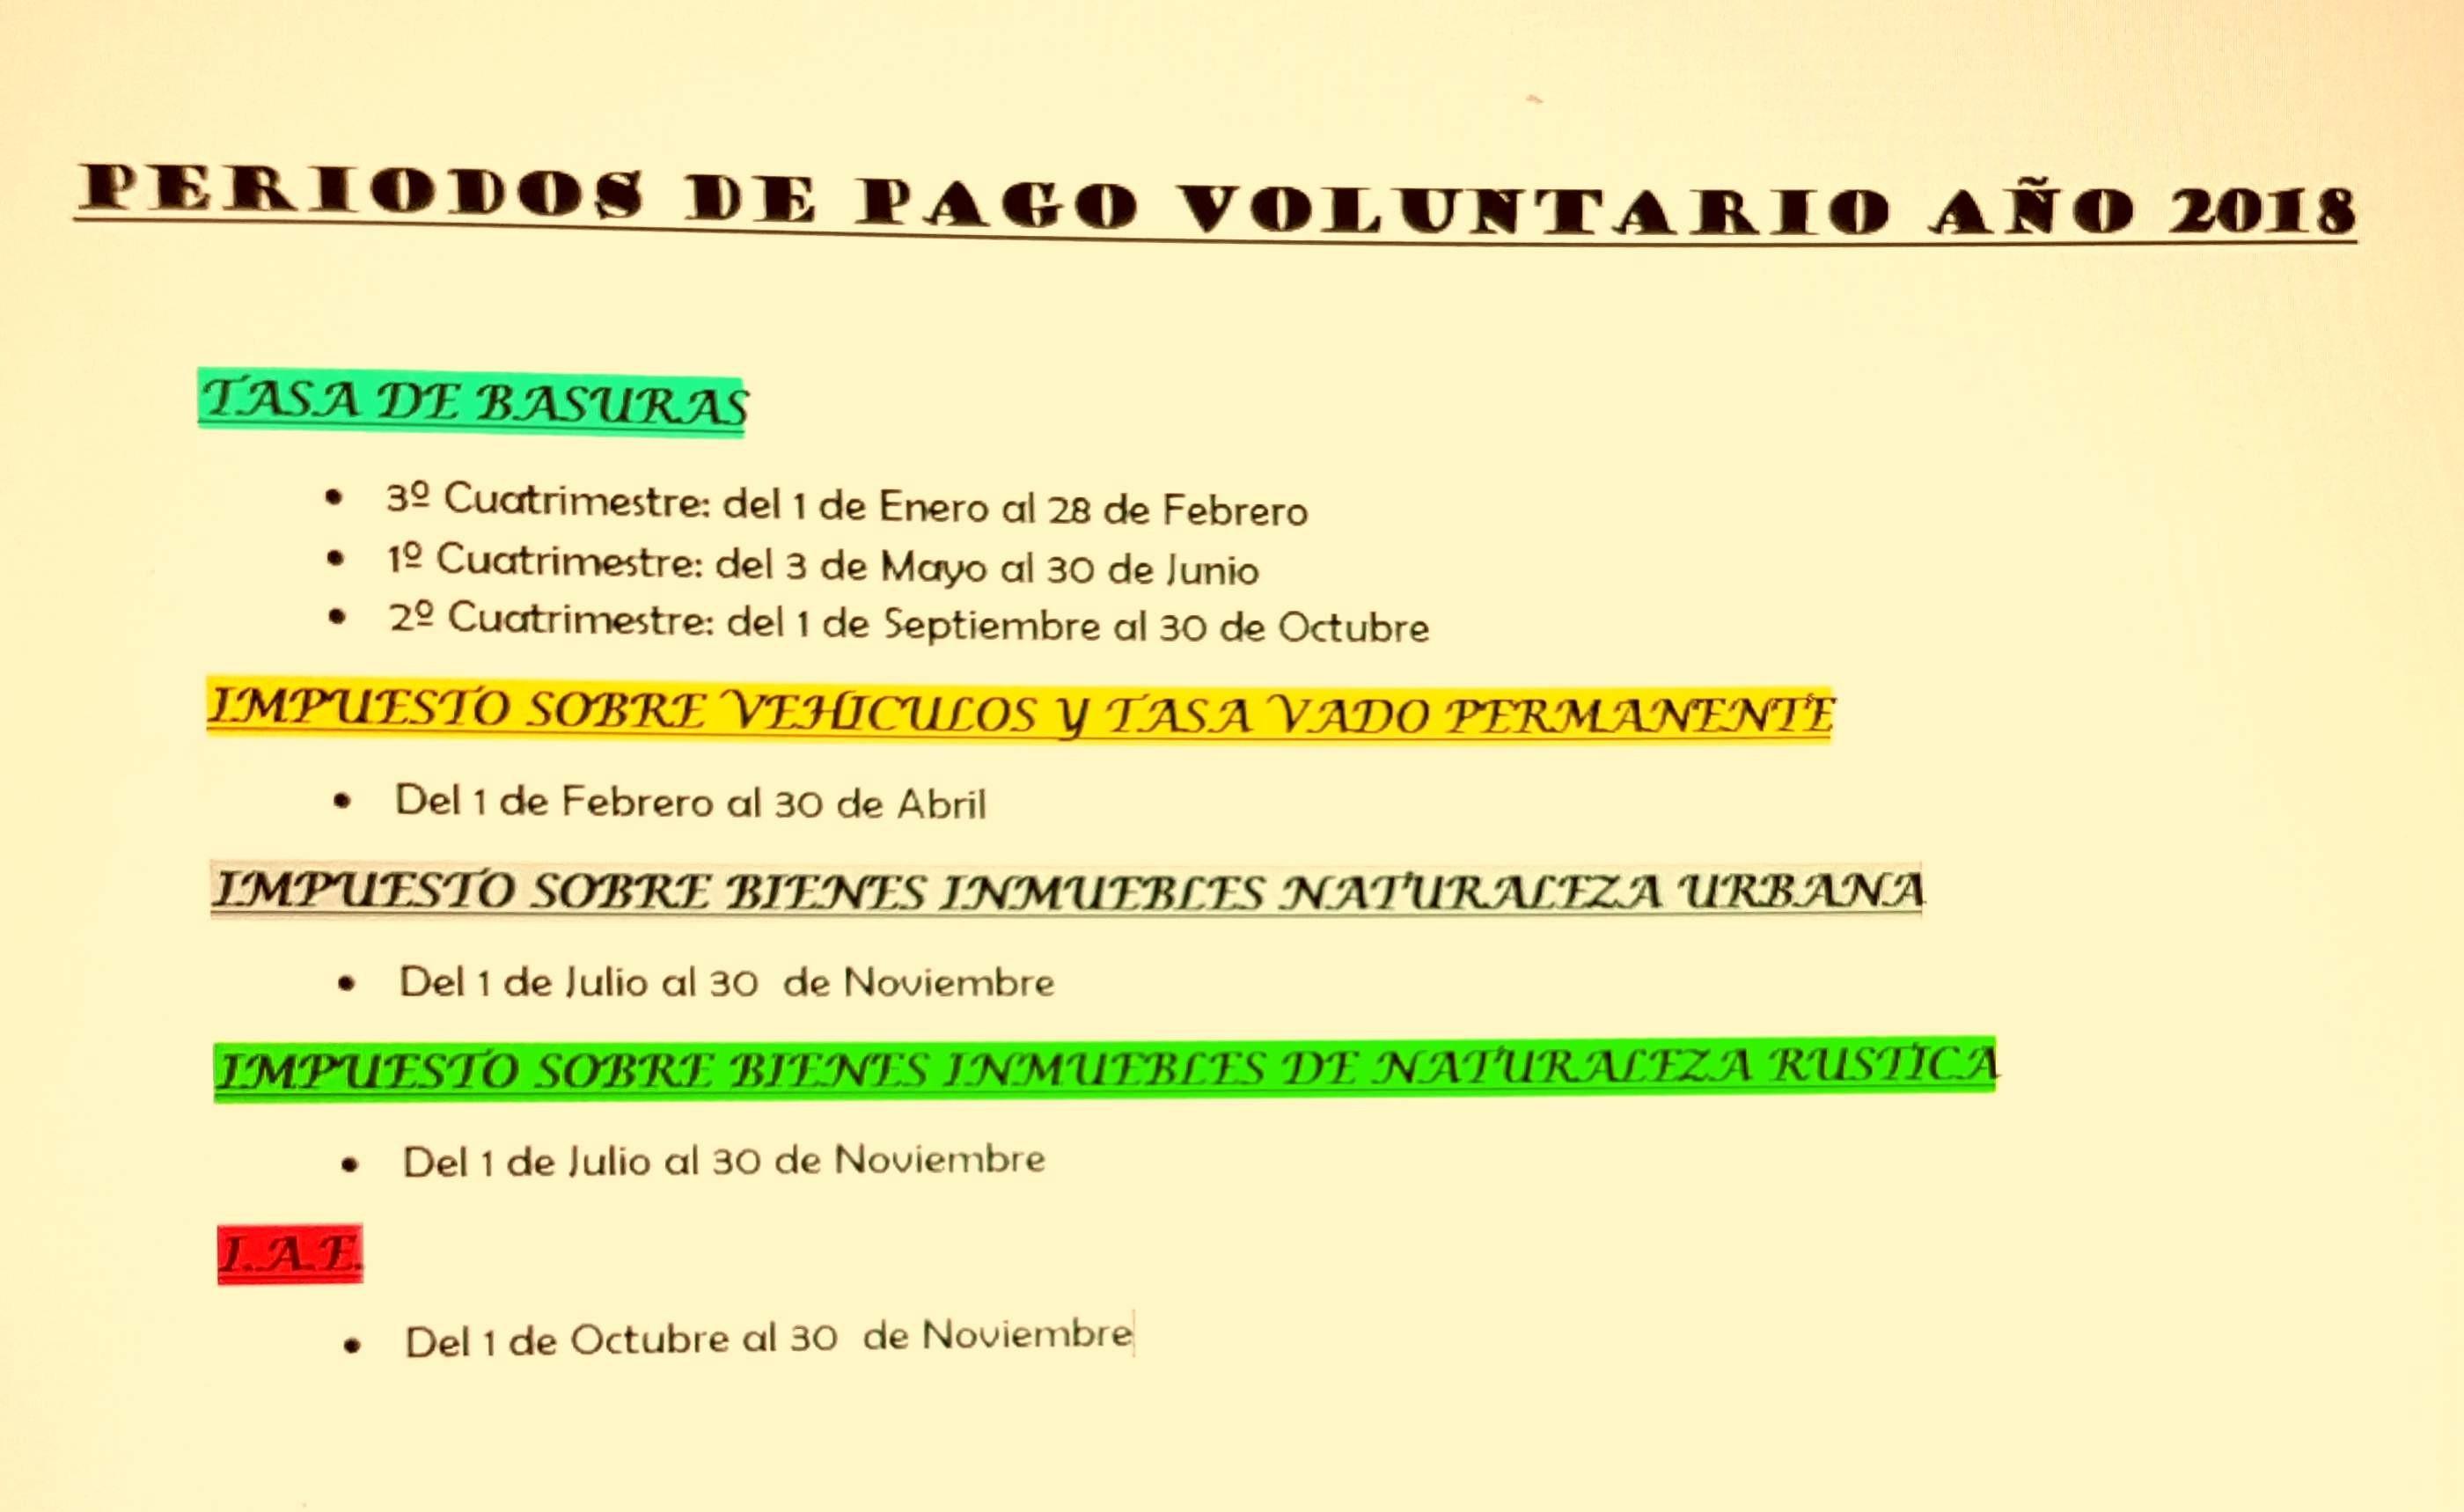 """HORARIO DE LA OFICINA DE RECAUDACI""""N Y PERIODOS DE PAGO VOLUNTARIO 2018"""